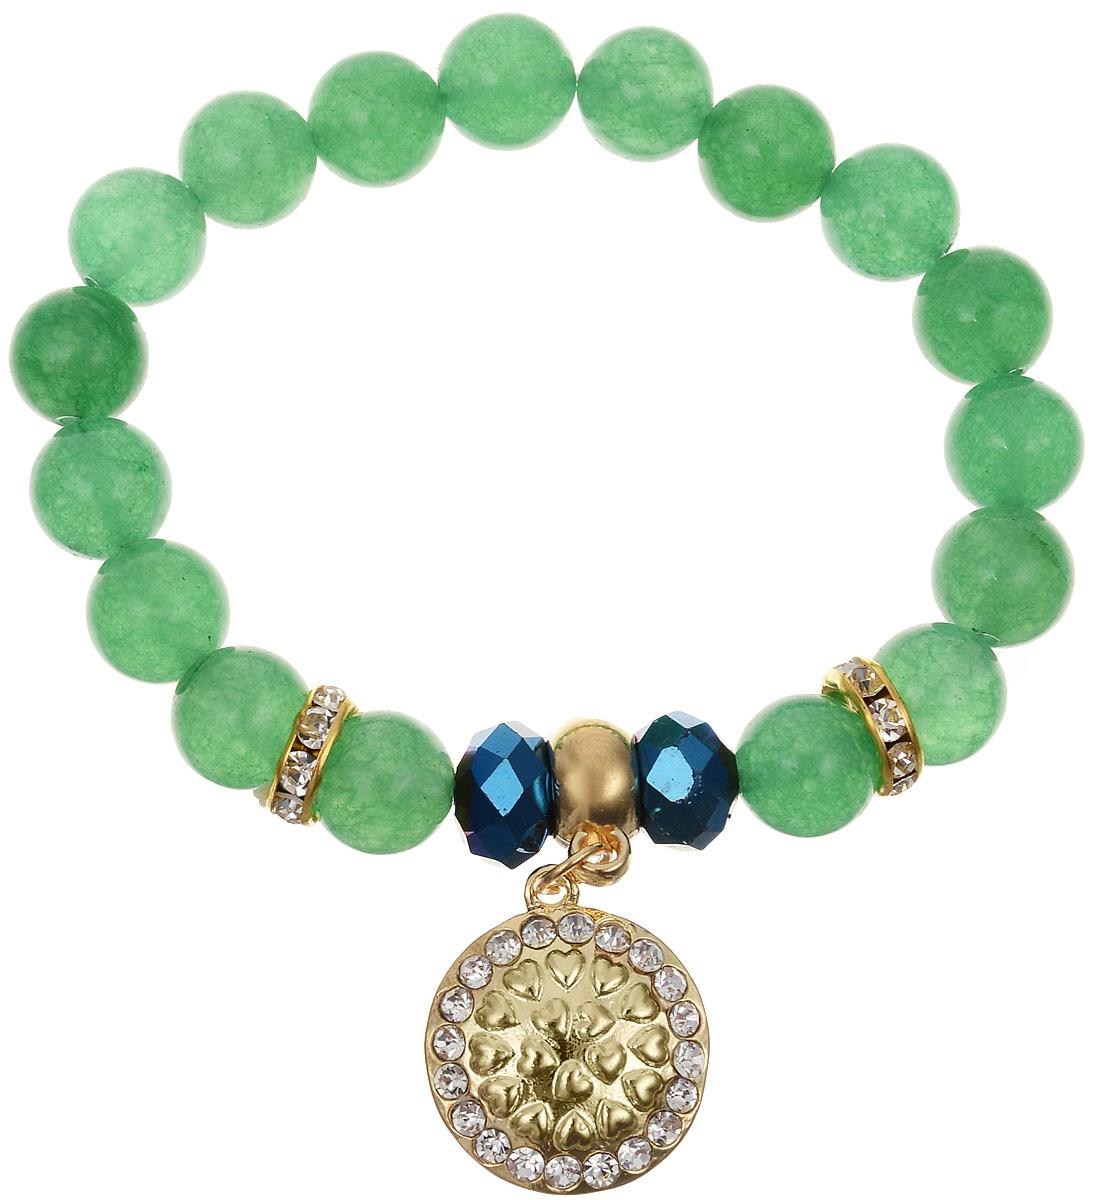 Браслет Bradex Зеленый кварц, цвет: зеленый. AS 0094Браслет с подвескамиПростой и очень элегантный браслет Зеленый кварц станет изящной финальной нотой, которая дополнит ваш юный и свежий образ.Ряд ровных бусин травяного цвета идеально круглой формы делает стиль украшения сдержанным и элегантным. Аккуратные вставки с золотым покрытием и красочный радужный декор в центре привлекают внимание и дарят праздничное настроение.Сияющая золотым блеском подвеска с кристаллами придает образу чистоту и женственность.